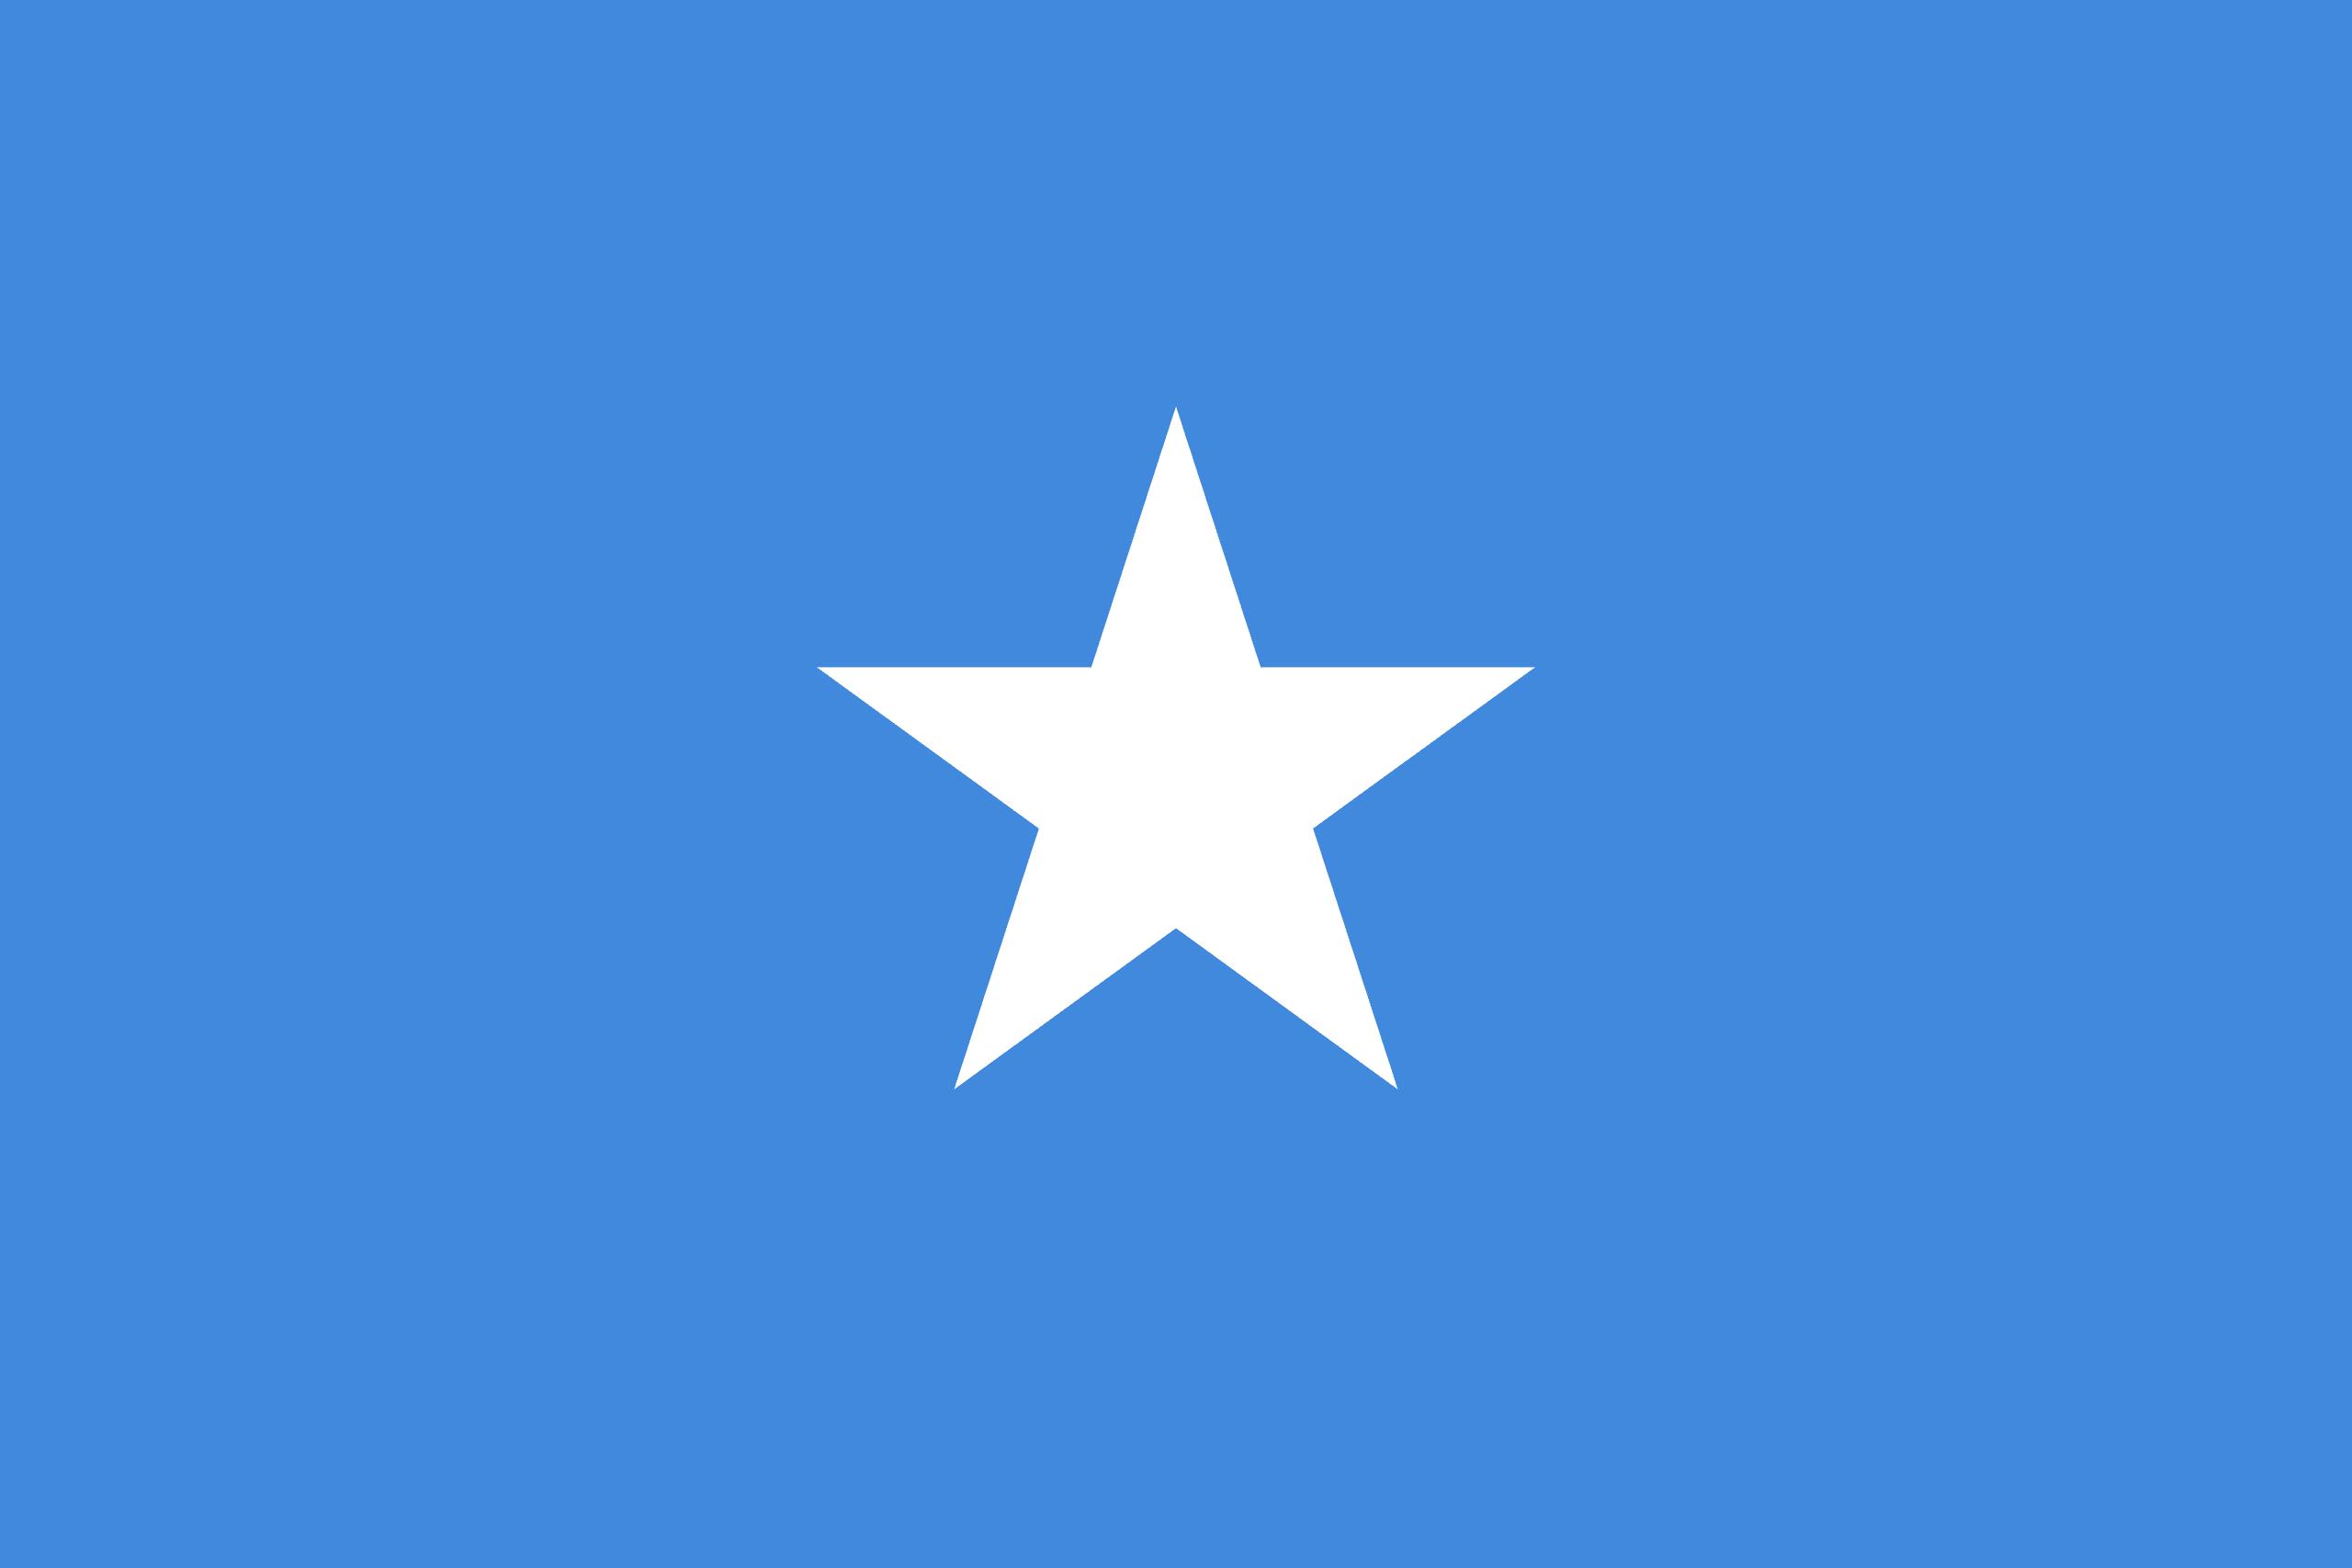 Σημαία Σομαλίας